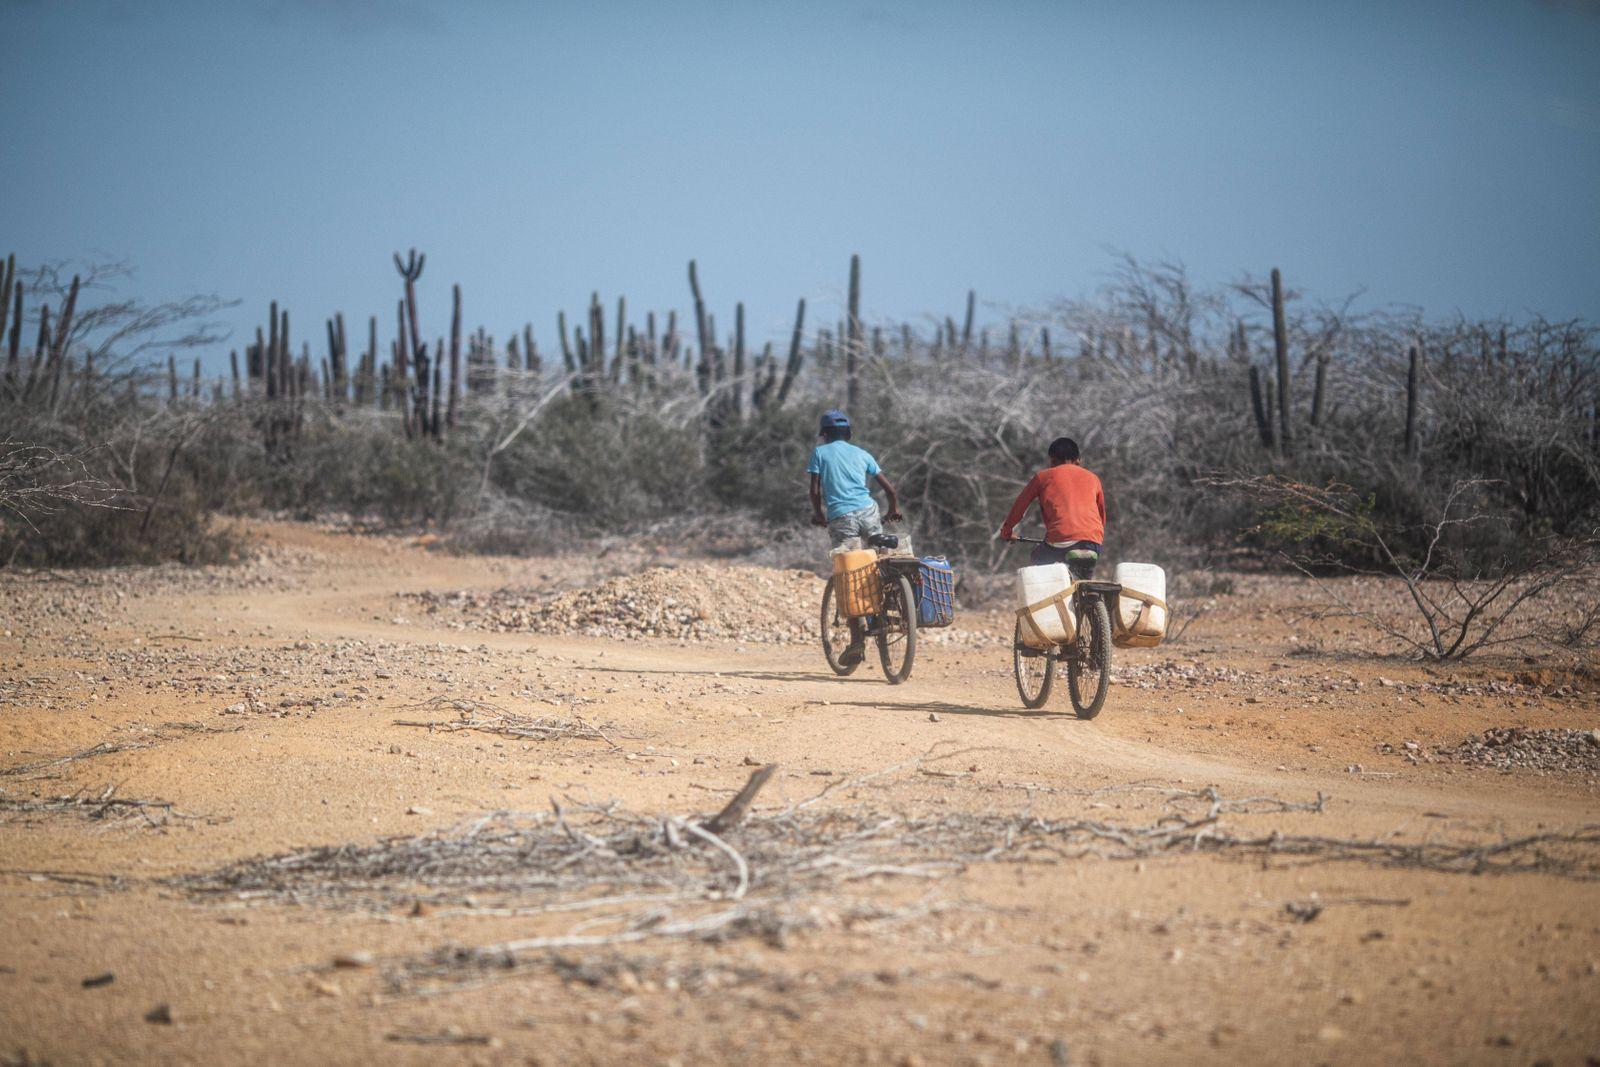 Zwei Jugendliche fahren mit einem Fahrrad mit Wasserkanistern durch die Wueste La Guajira in Kolumbien, aufgenommen bei